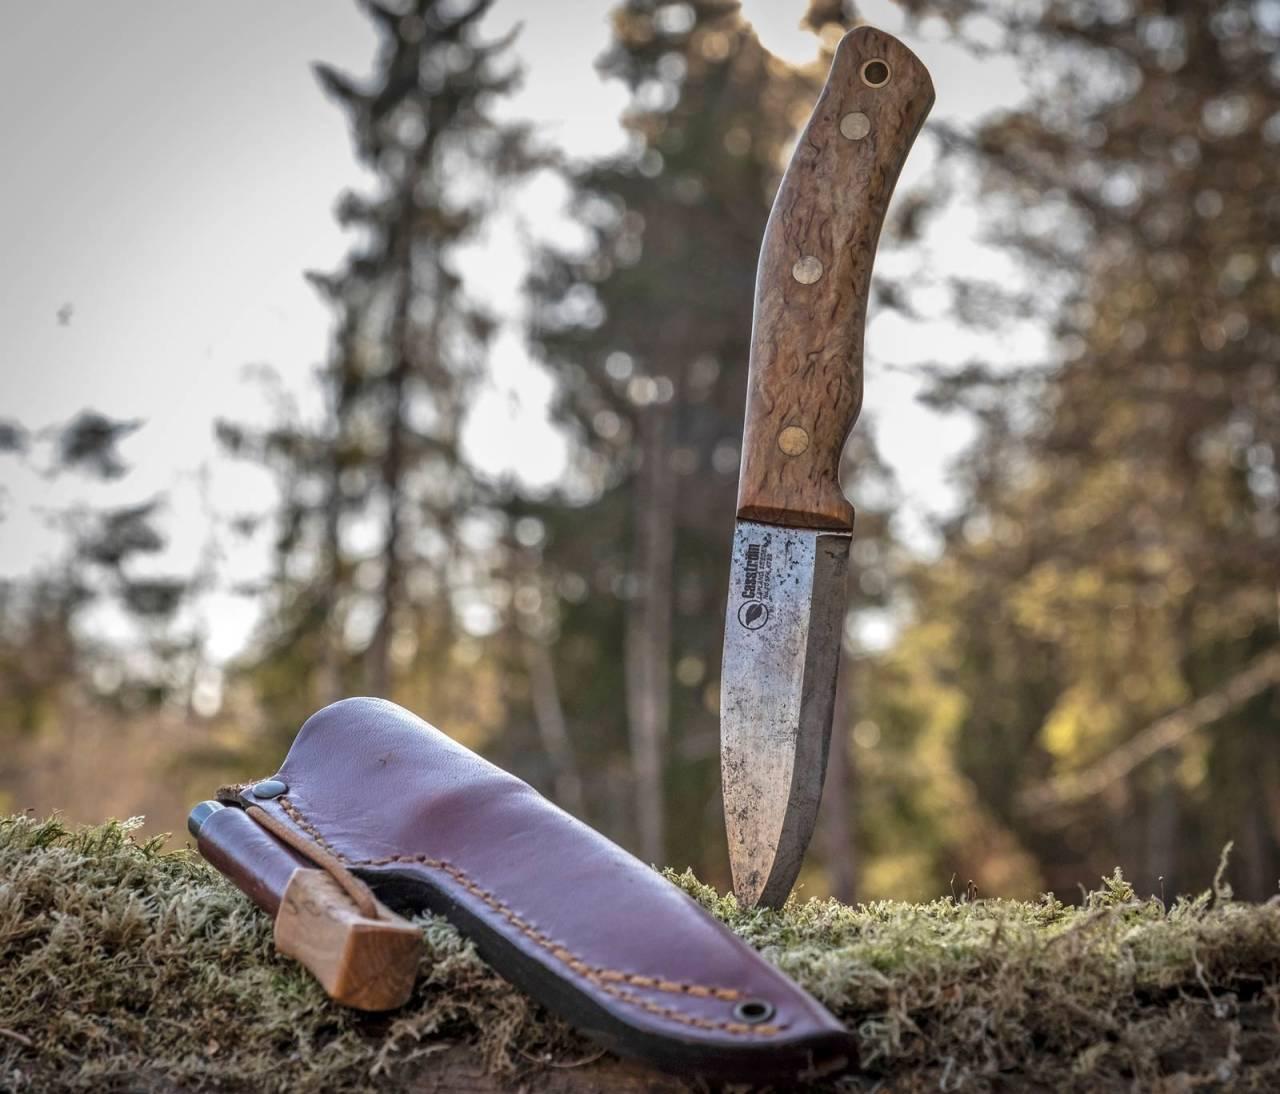 Patina: K720-stålet er mer utsatt for rust, noe kniven min fikk etter samkvem med saltflesk. Jeg synes det bare gir patina, men du kan velge annet stål.